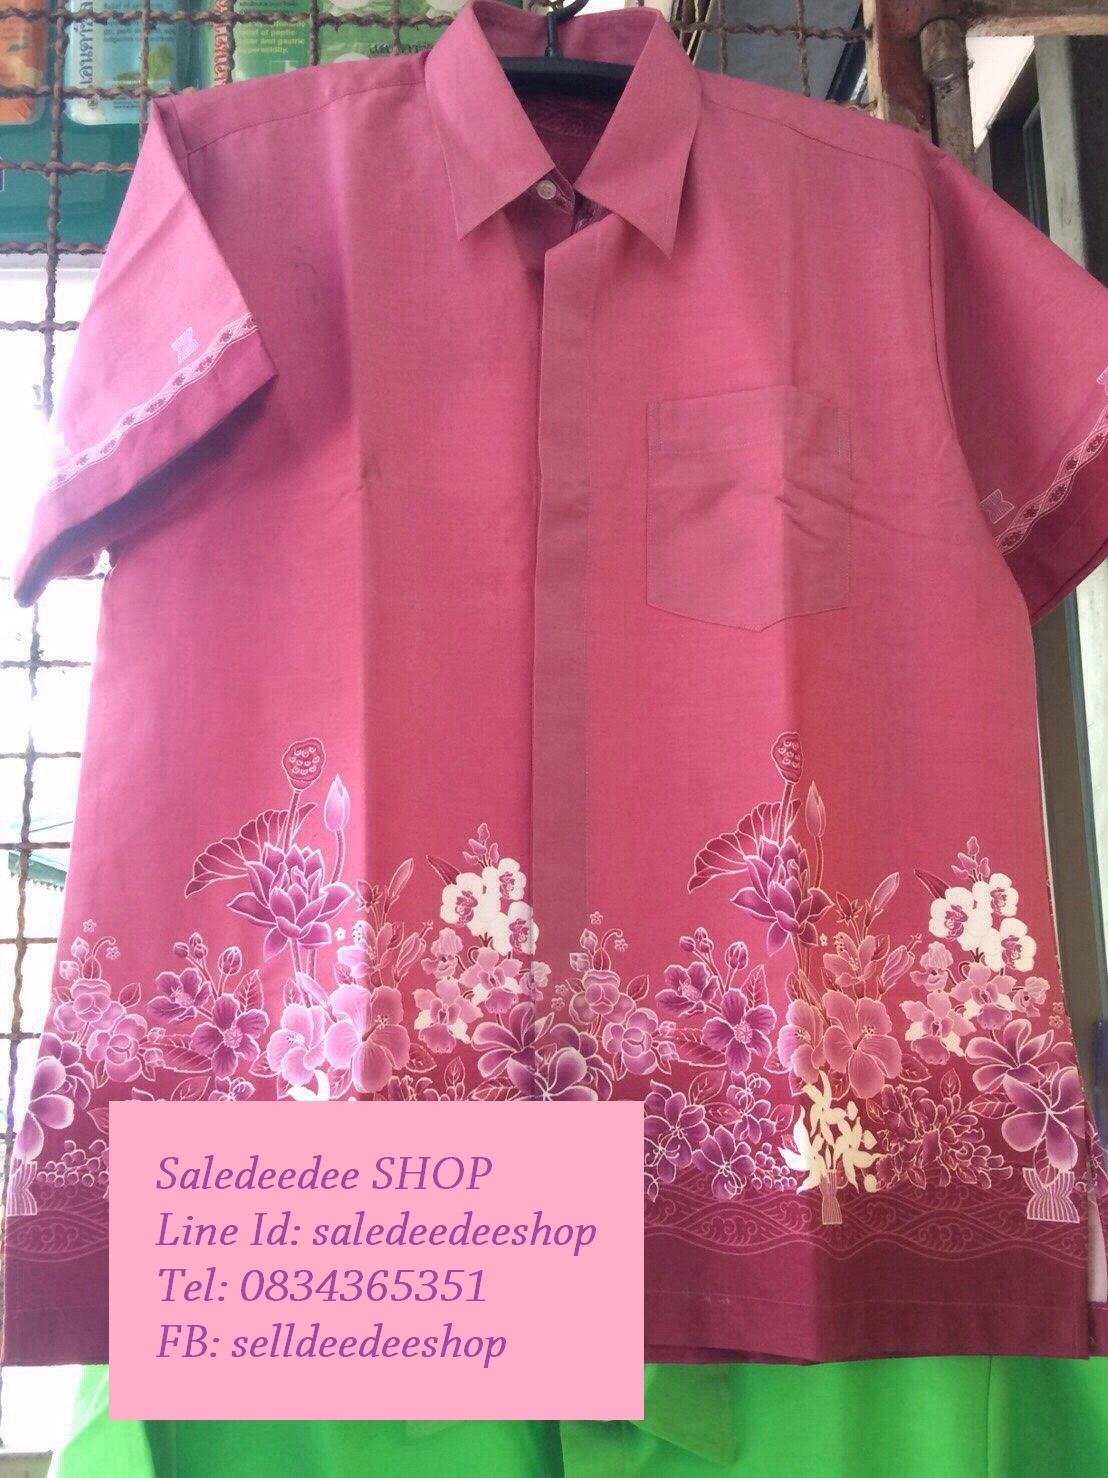 เสื้อทีม เสื้อประจำ หน่วยงาน เสื้อ อบต. เสื้อองค์กร เสื้อรพสต. เสื้อสาธารณสุข เสื้อเทศบาล หรือเสื้อนักเรียนลายไทย ทีสวมใส่ในสถานศึกษา